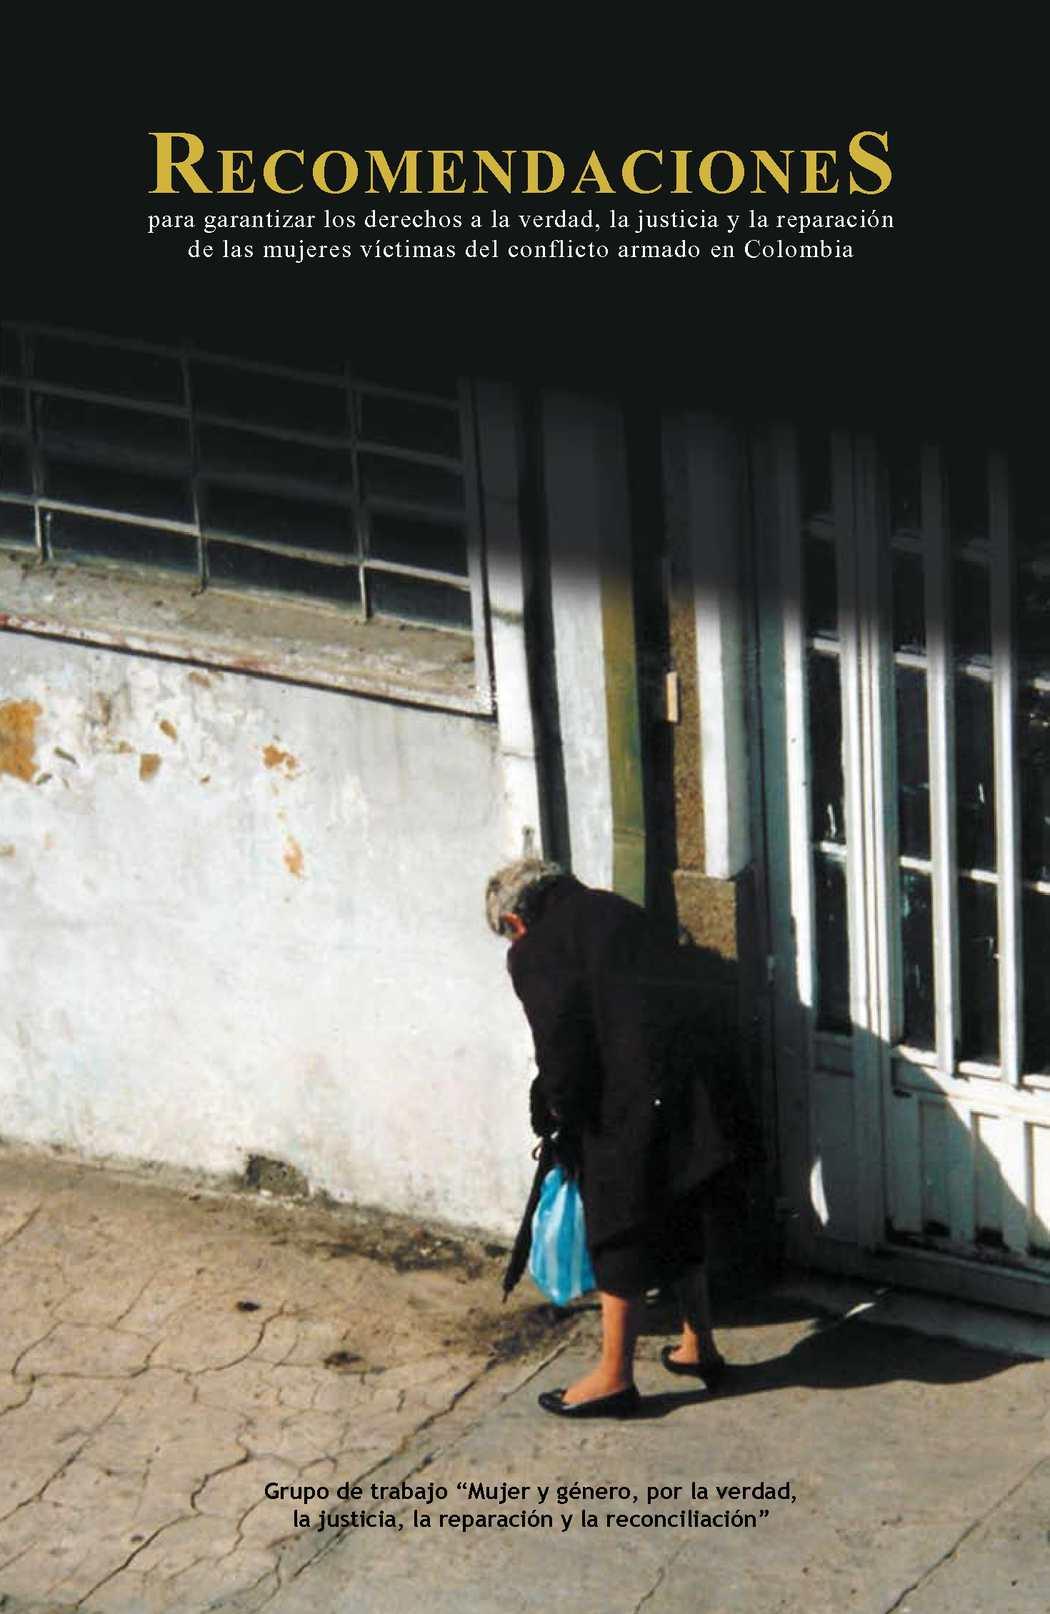 Calaméo - la reparación de las mujeres víctimas del conflicto armado en  Colombia RecomendacioneS 736f4de5b79